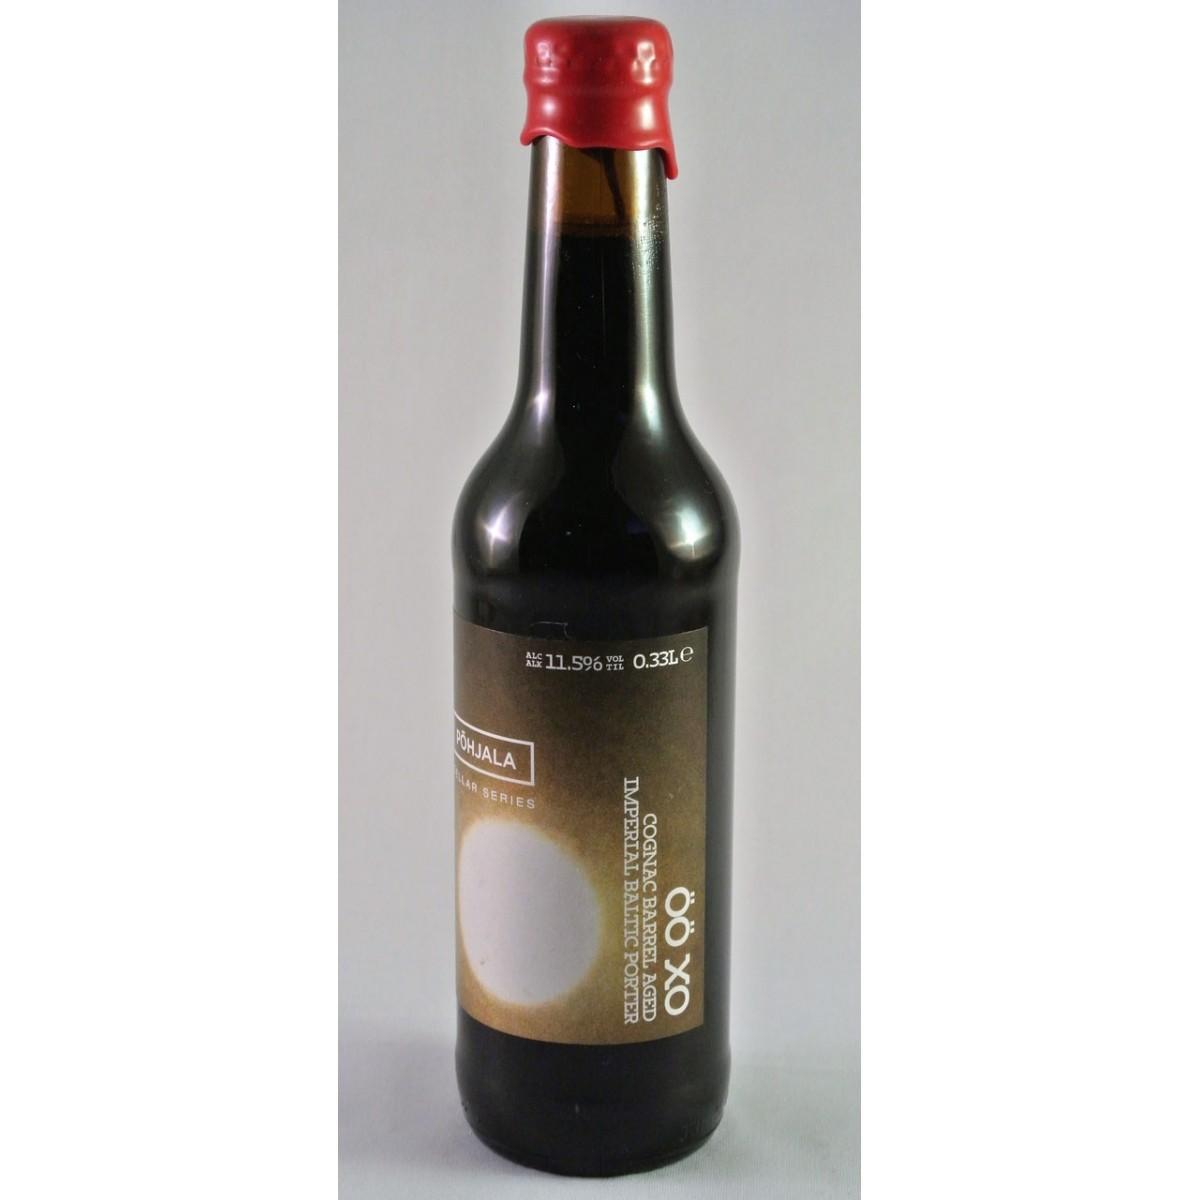 Pohjala OO XO 330ml Cognac BA Baltic Porter